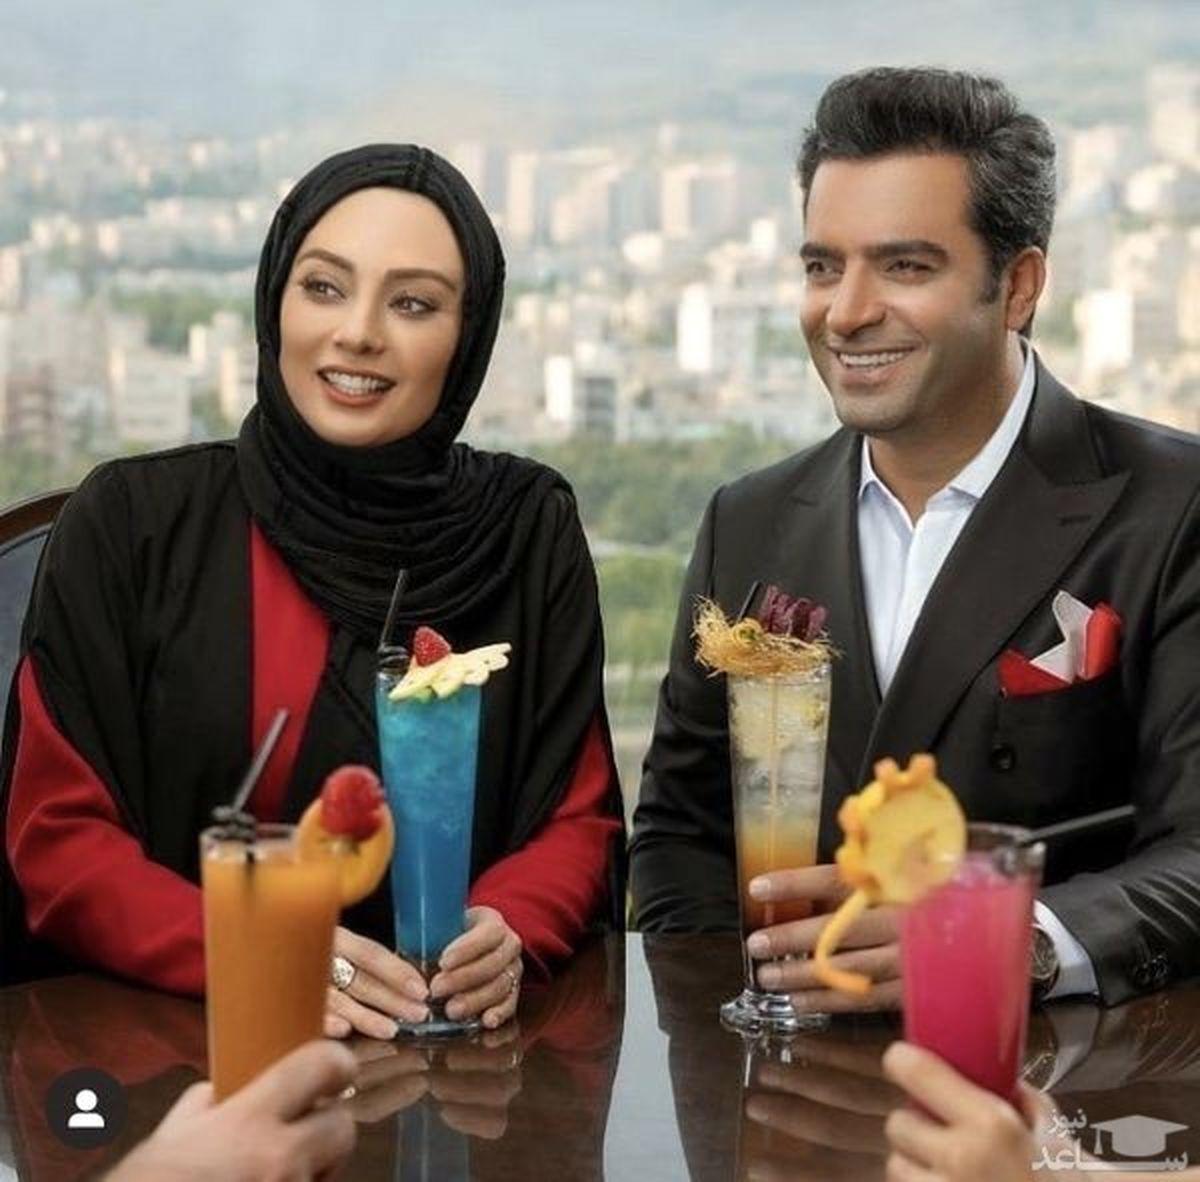 خونه لاکچری یکتا ناصر و همسر کارگردانش + تصاویر و بیگرافی